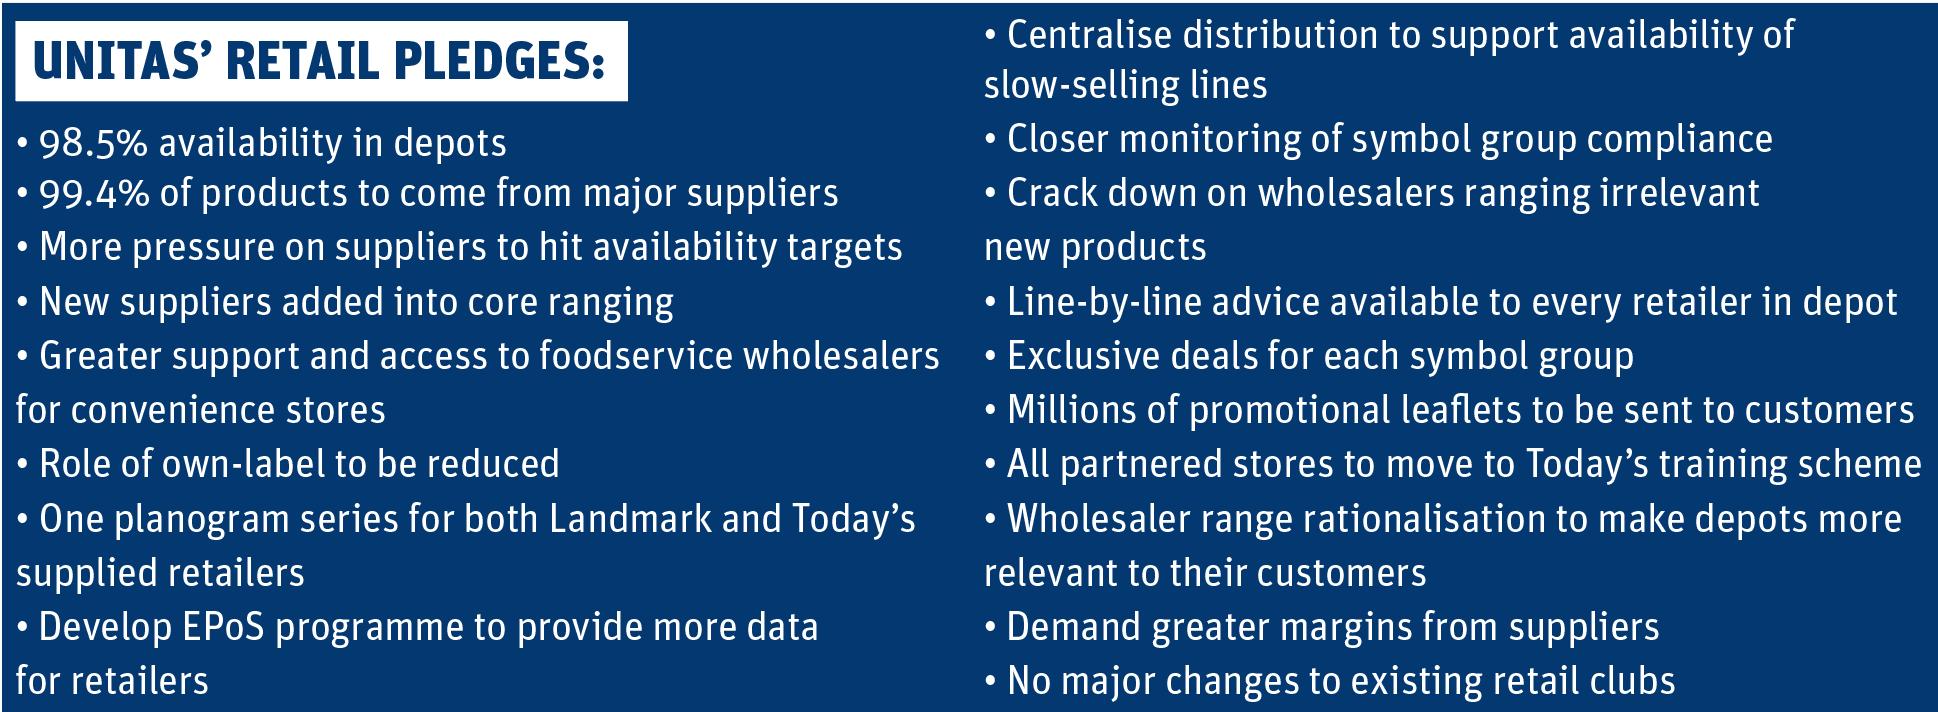 Unitas retail pledges.png